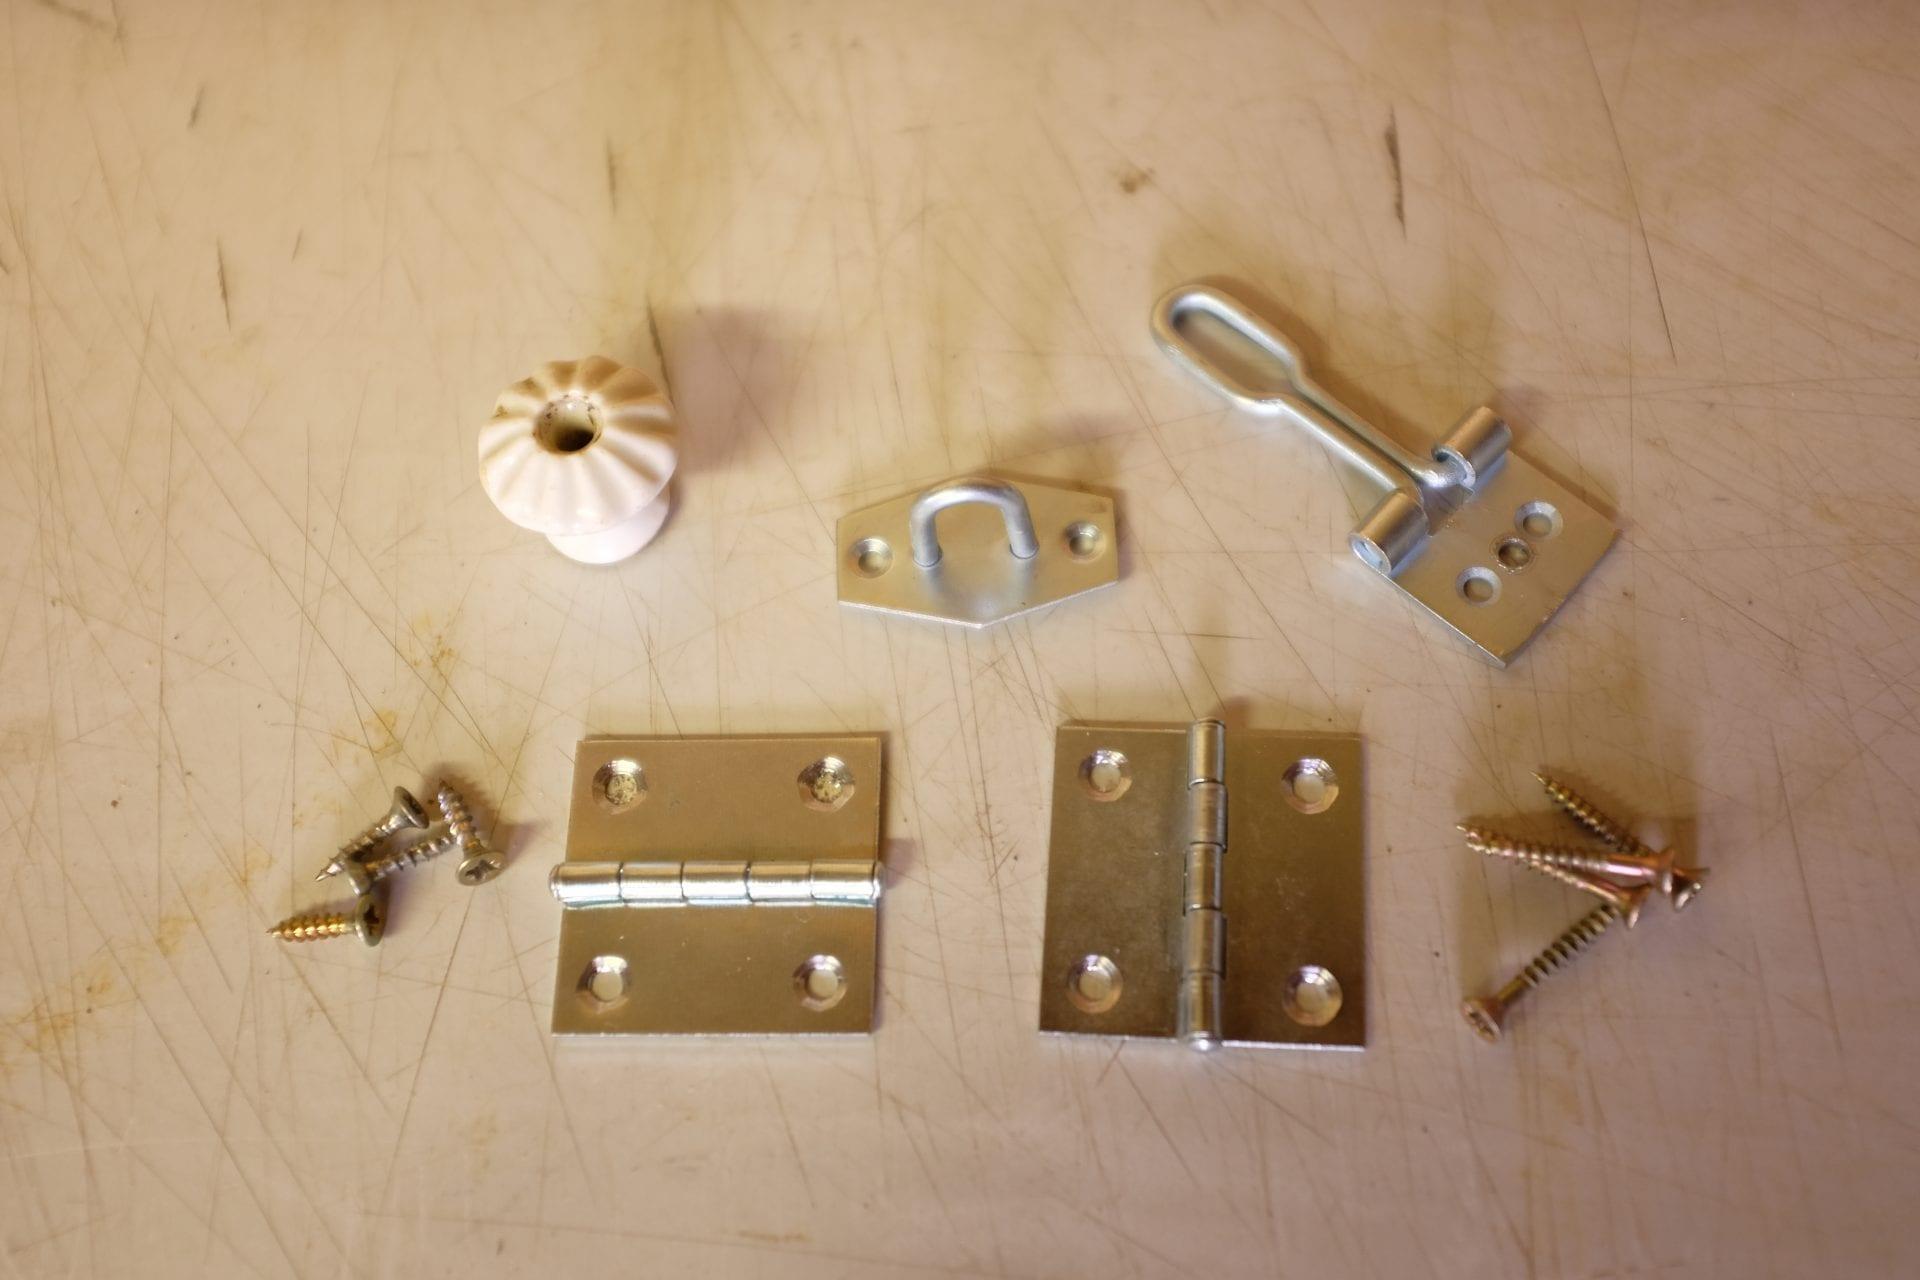 kovanie-kluc-sroby-zamok-drevo